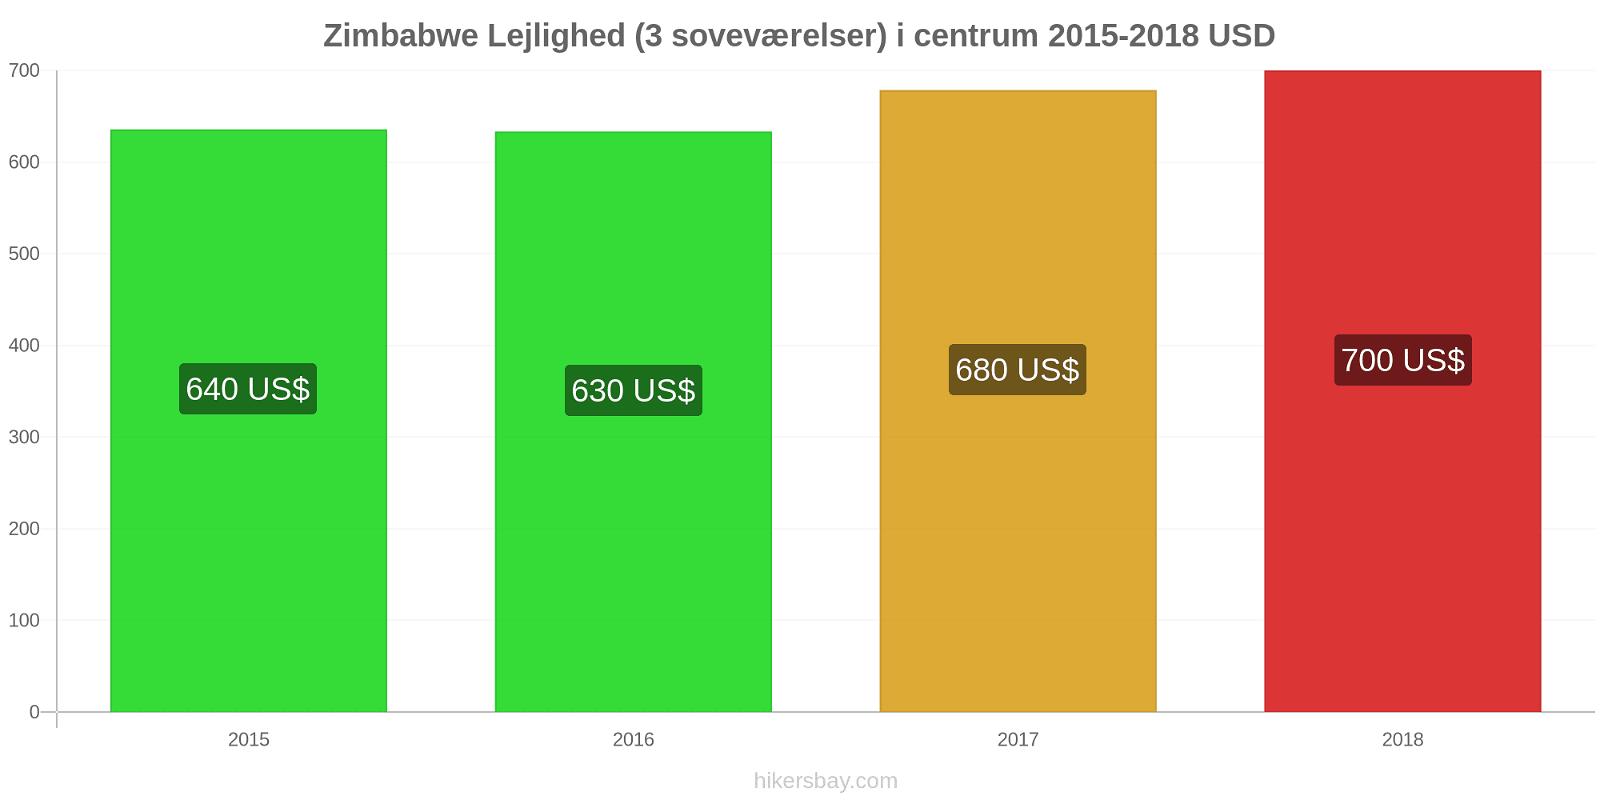 Zimbabwe prisændringer Lejlighed (3 soveværelser) i centrum hikersbay.com